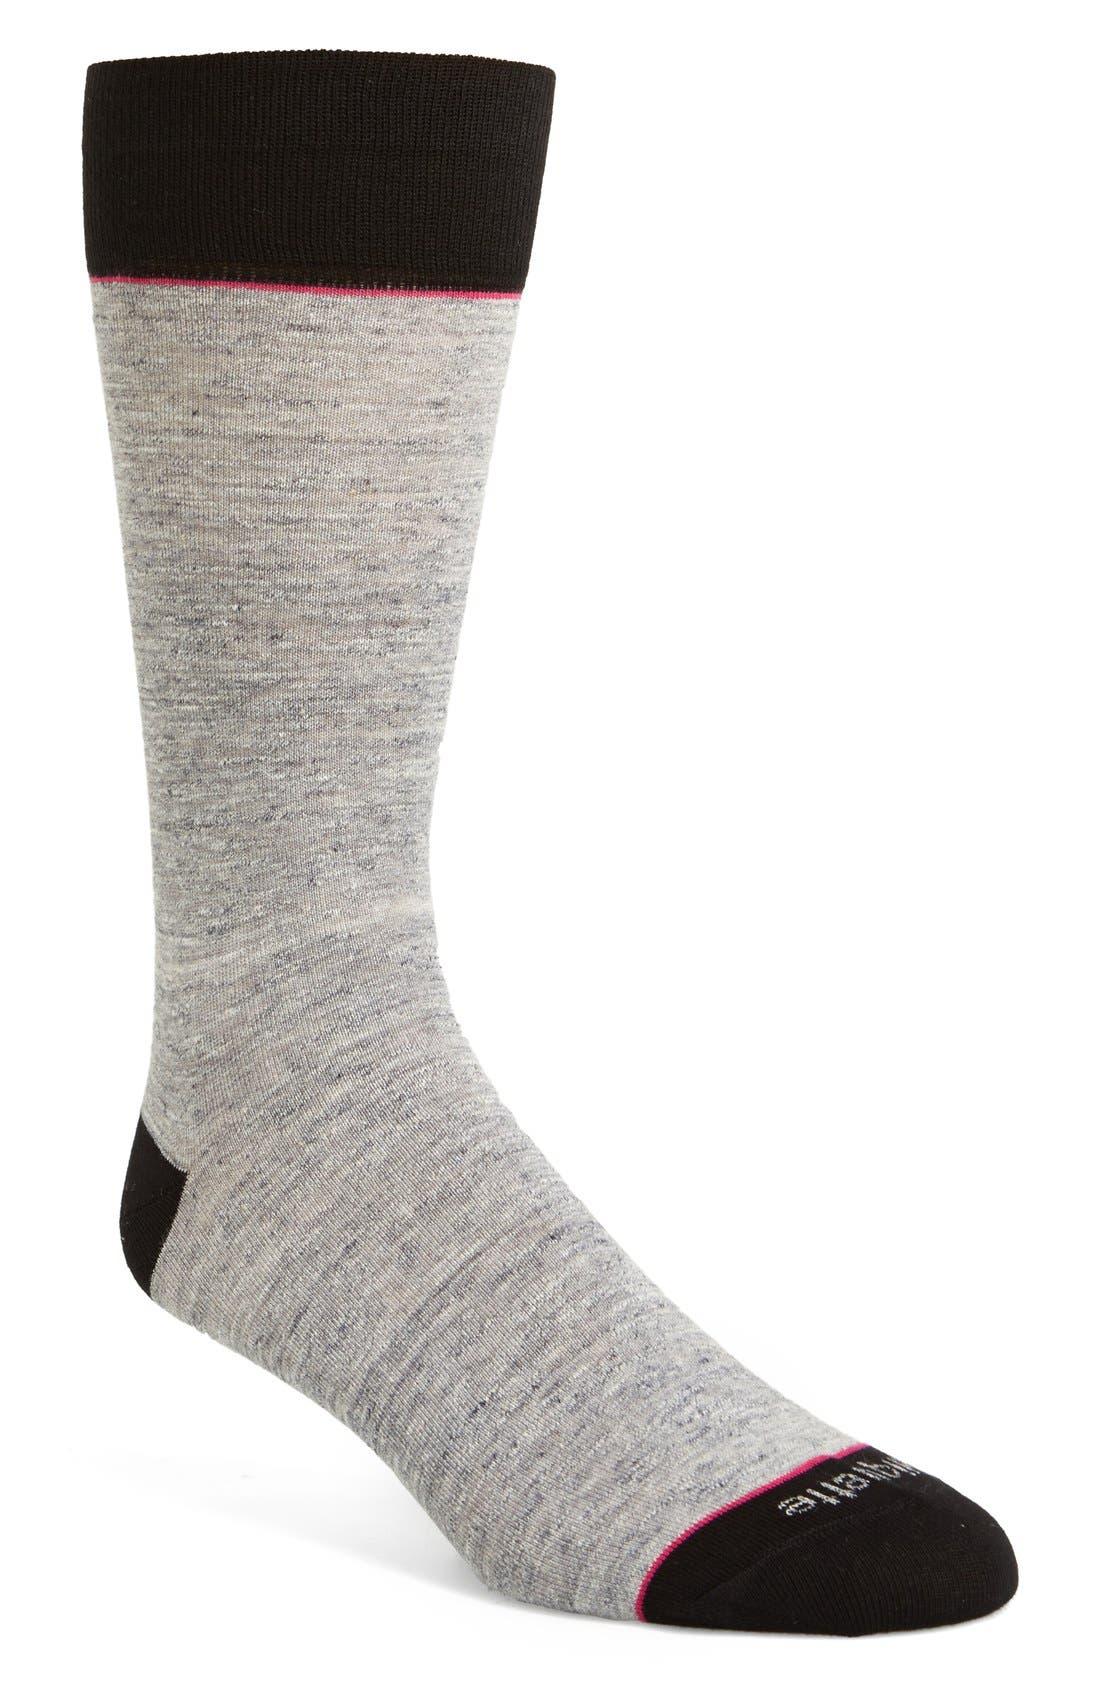 Main Image - Etiquette Clothiers Slubby Socks